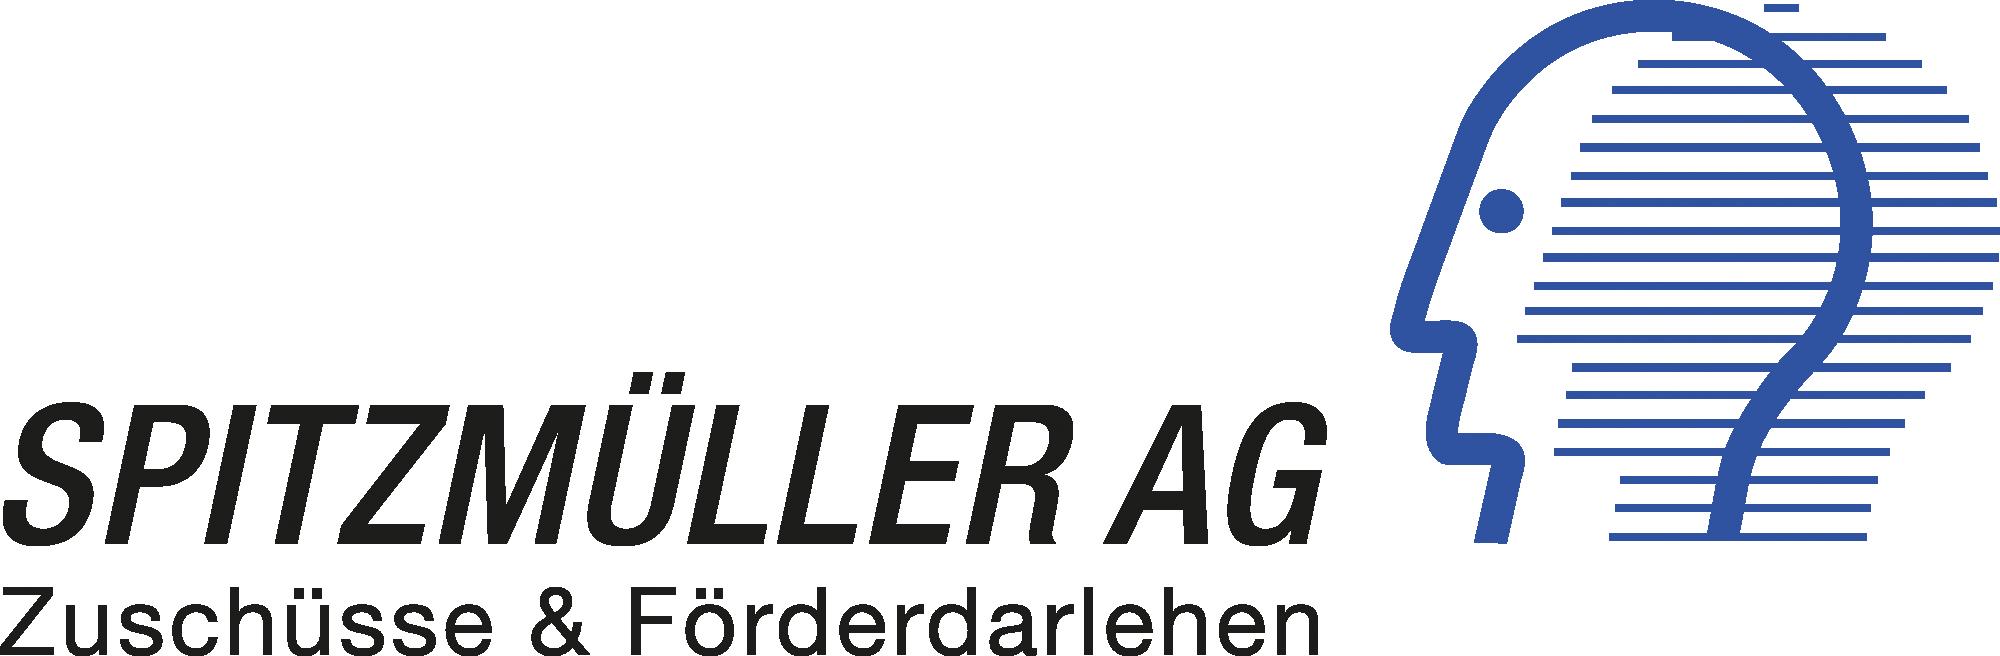 Logo_Spitzmueller_AG_RGB_transparent.png